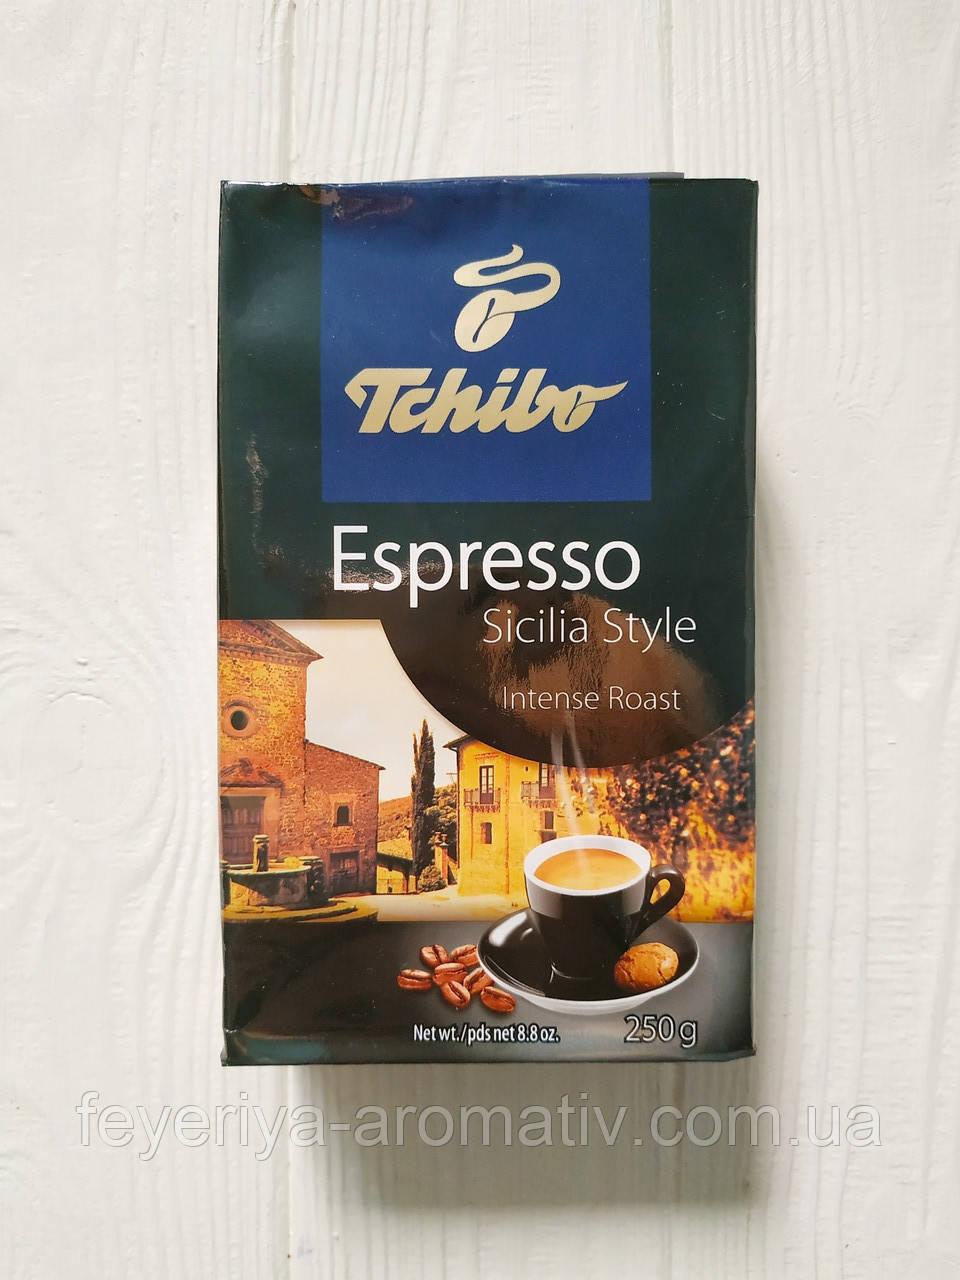 Кофе молотый Tchibo Espresso Sicilia Style Intense Roast 250гр. (Германия)